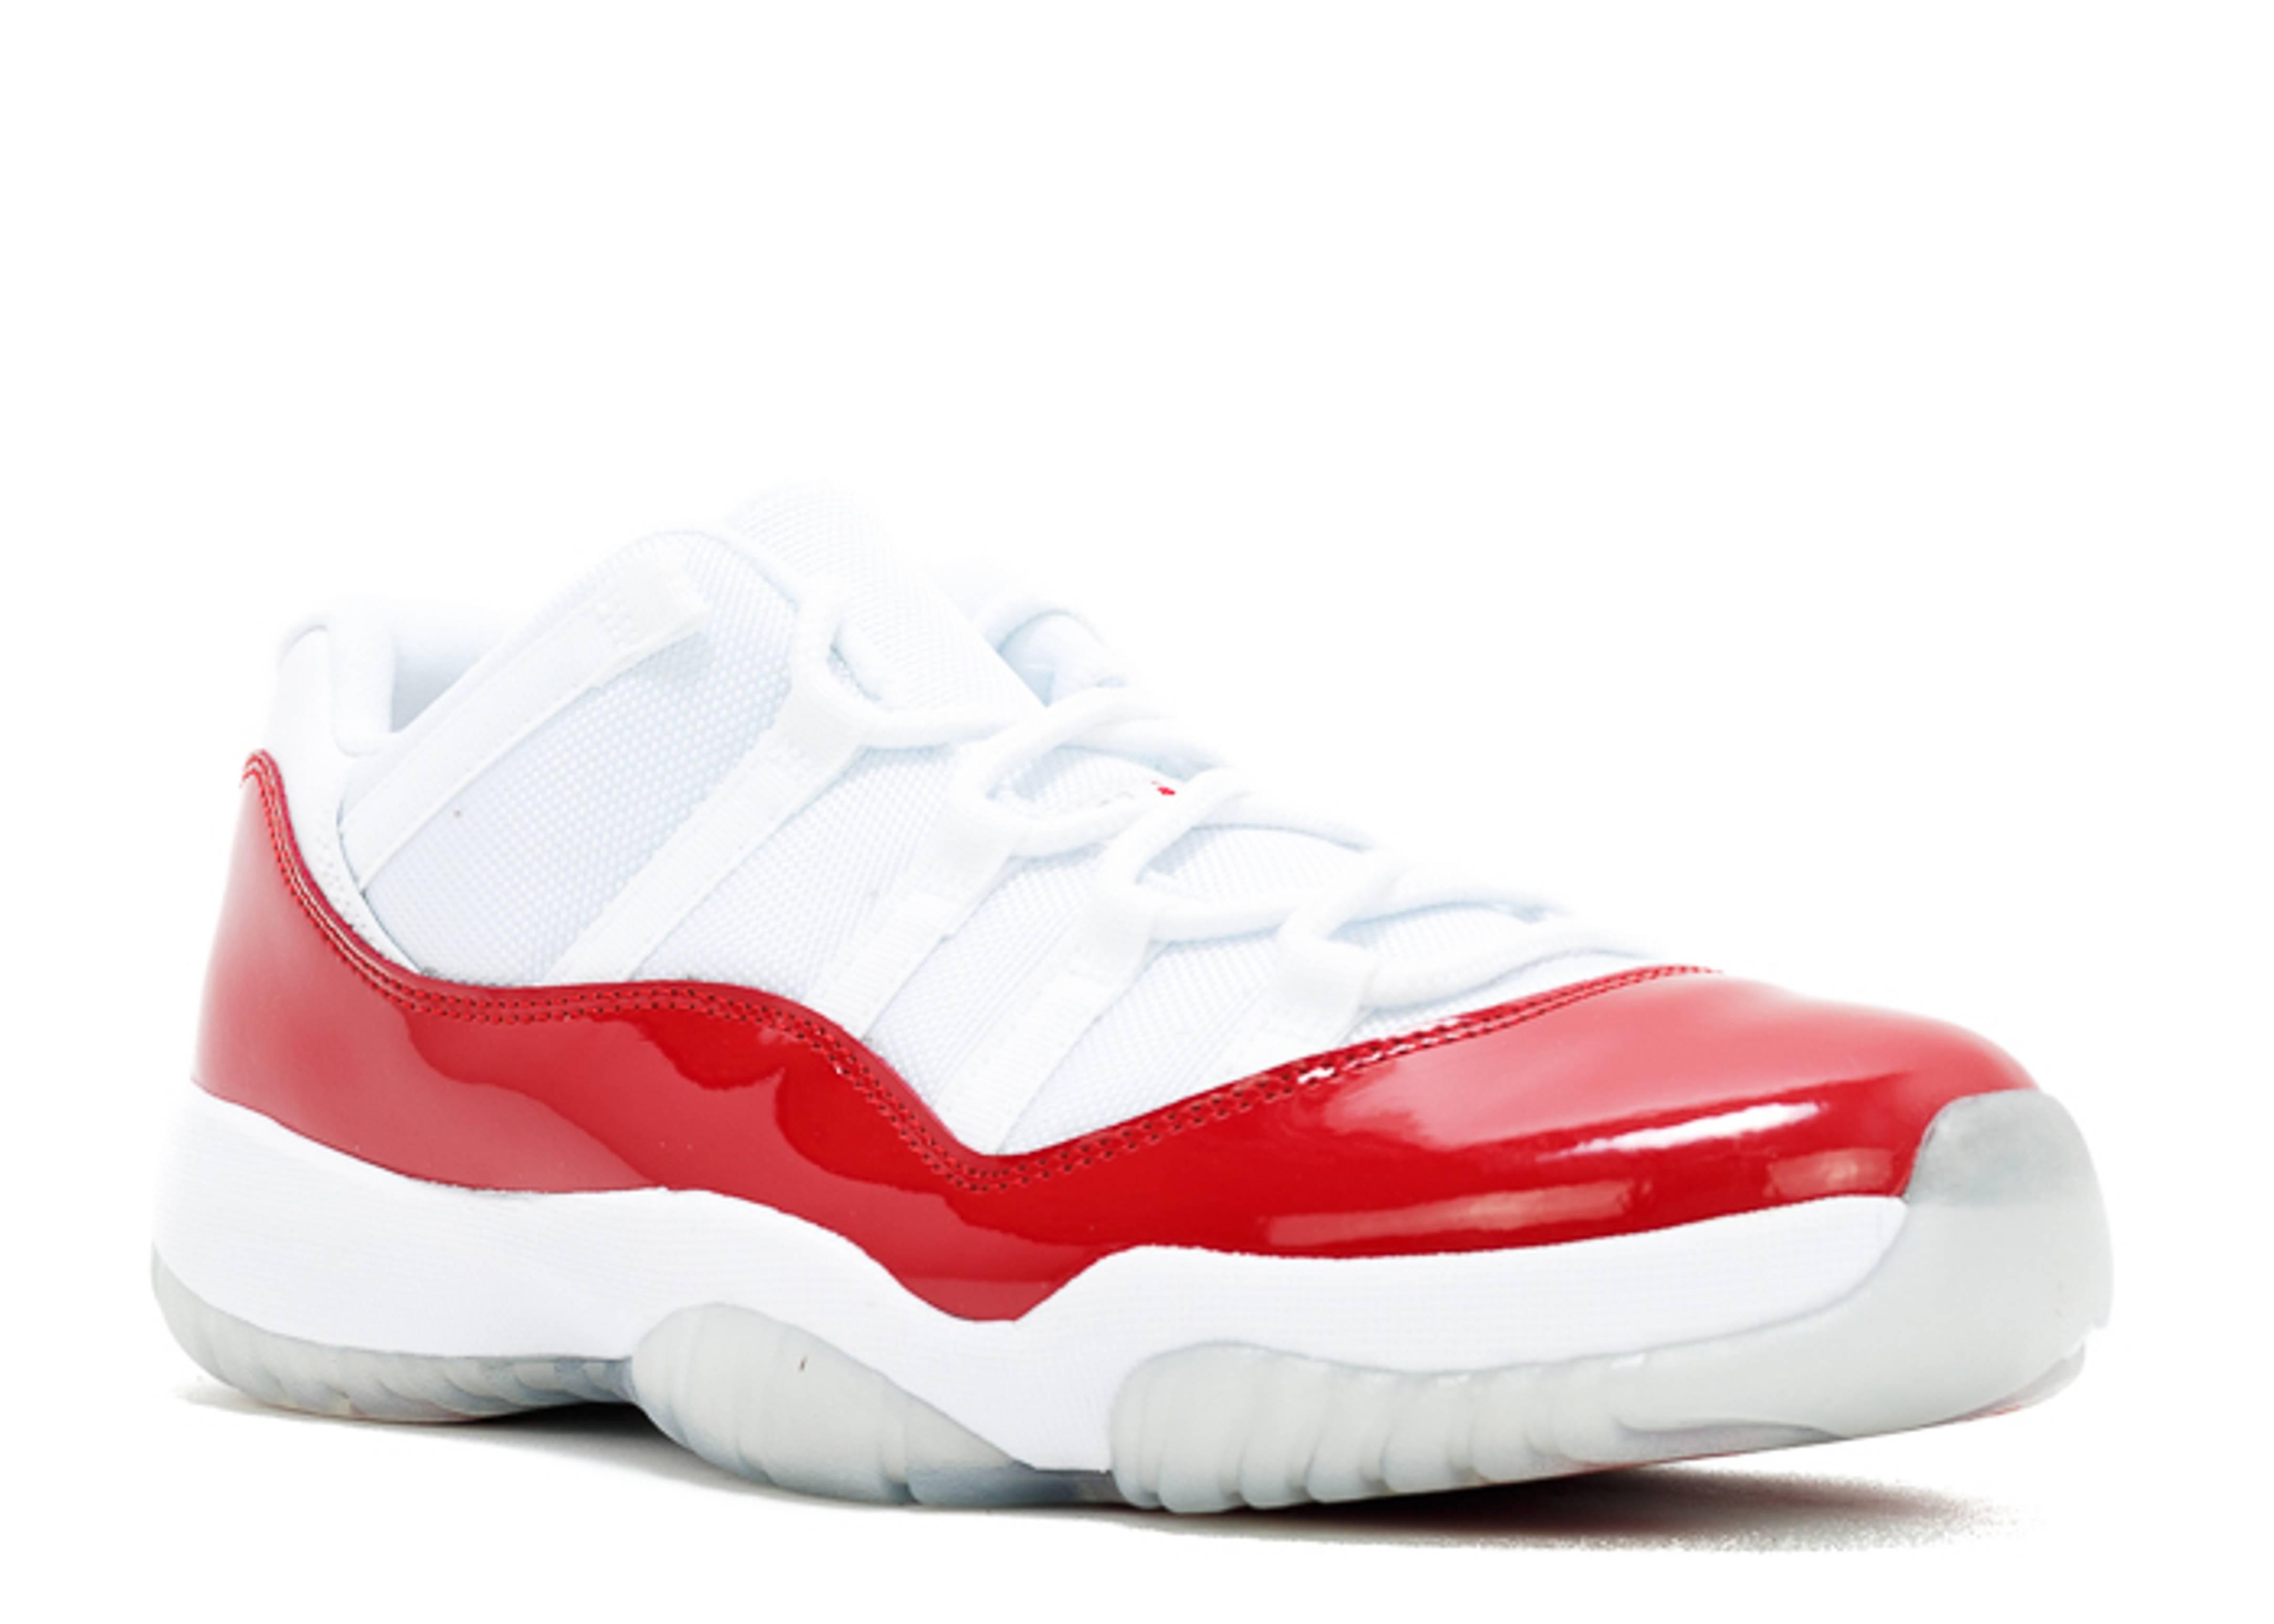 Air Jordan 11 Low Varsity Red